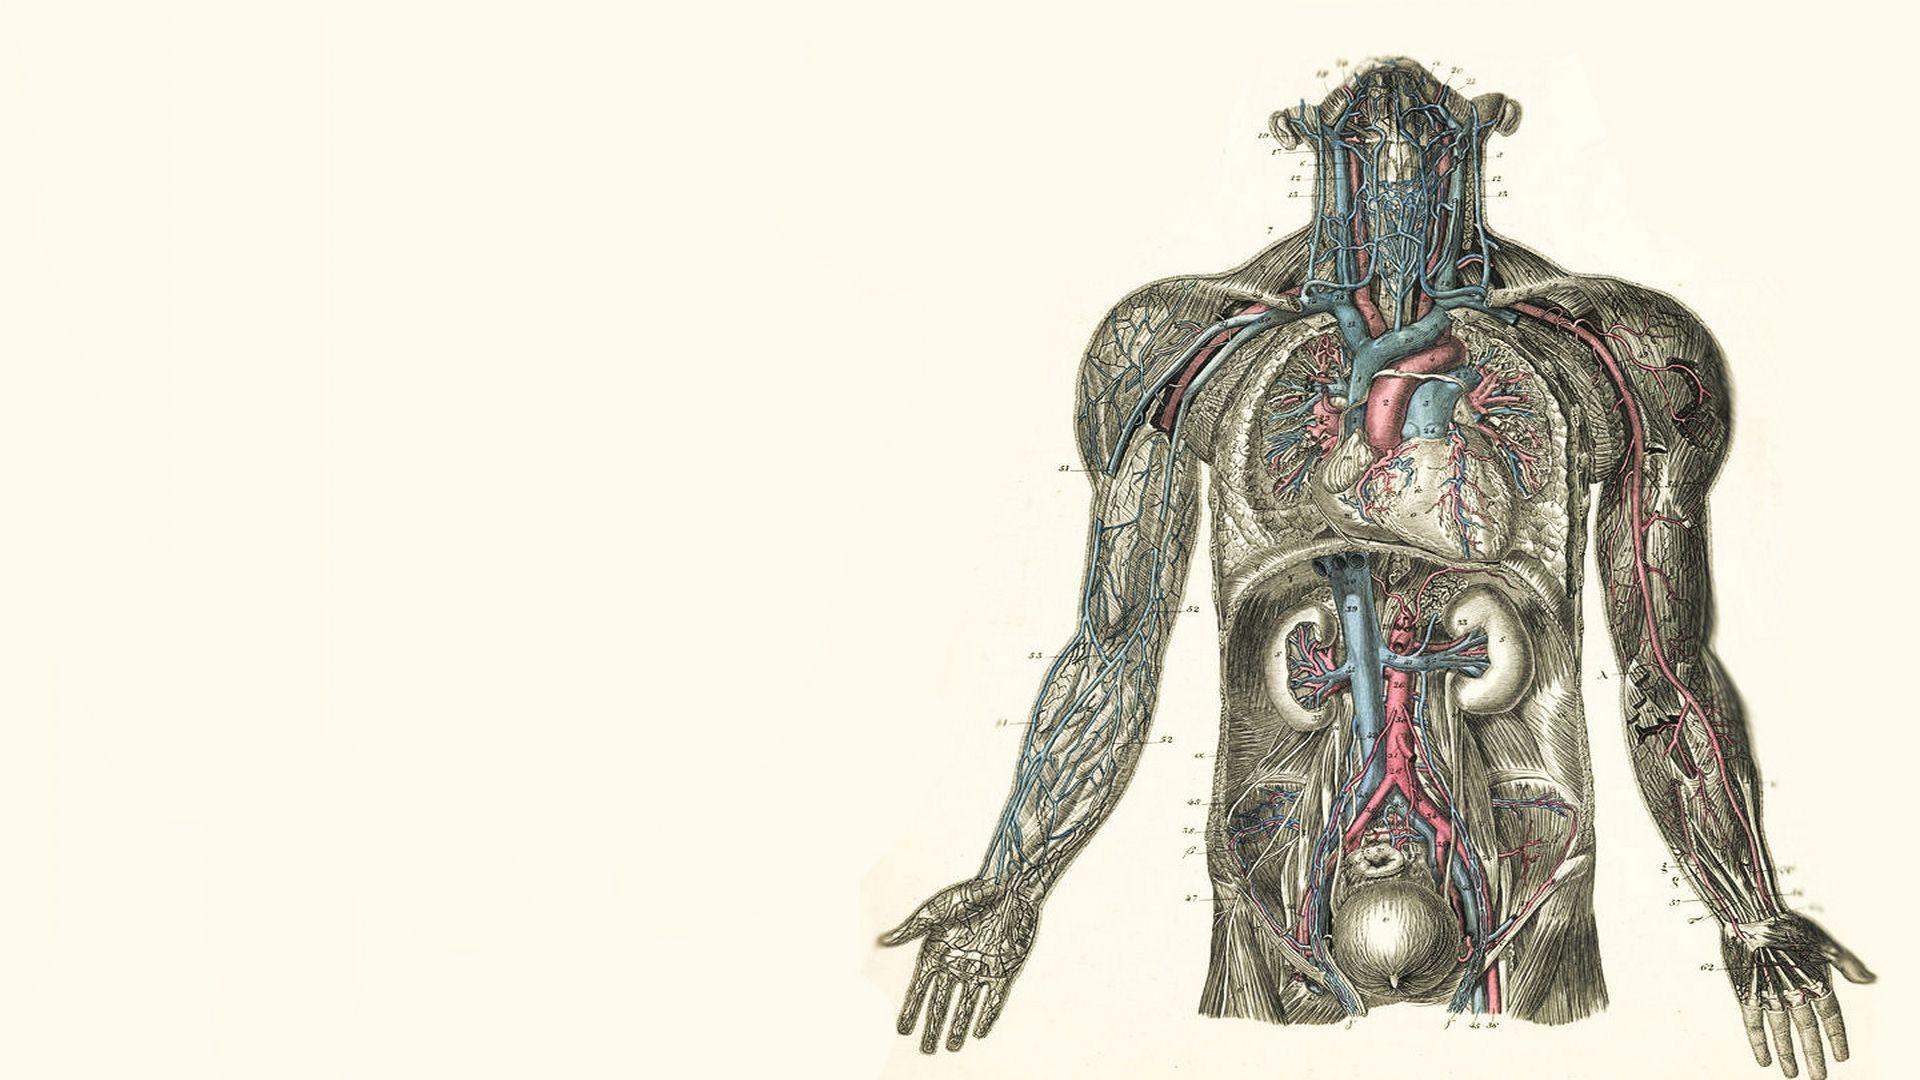 anatomy computer wallpapers, desktop backgrounds | 1920x1080 | id